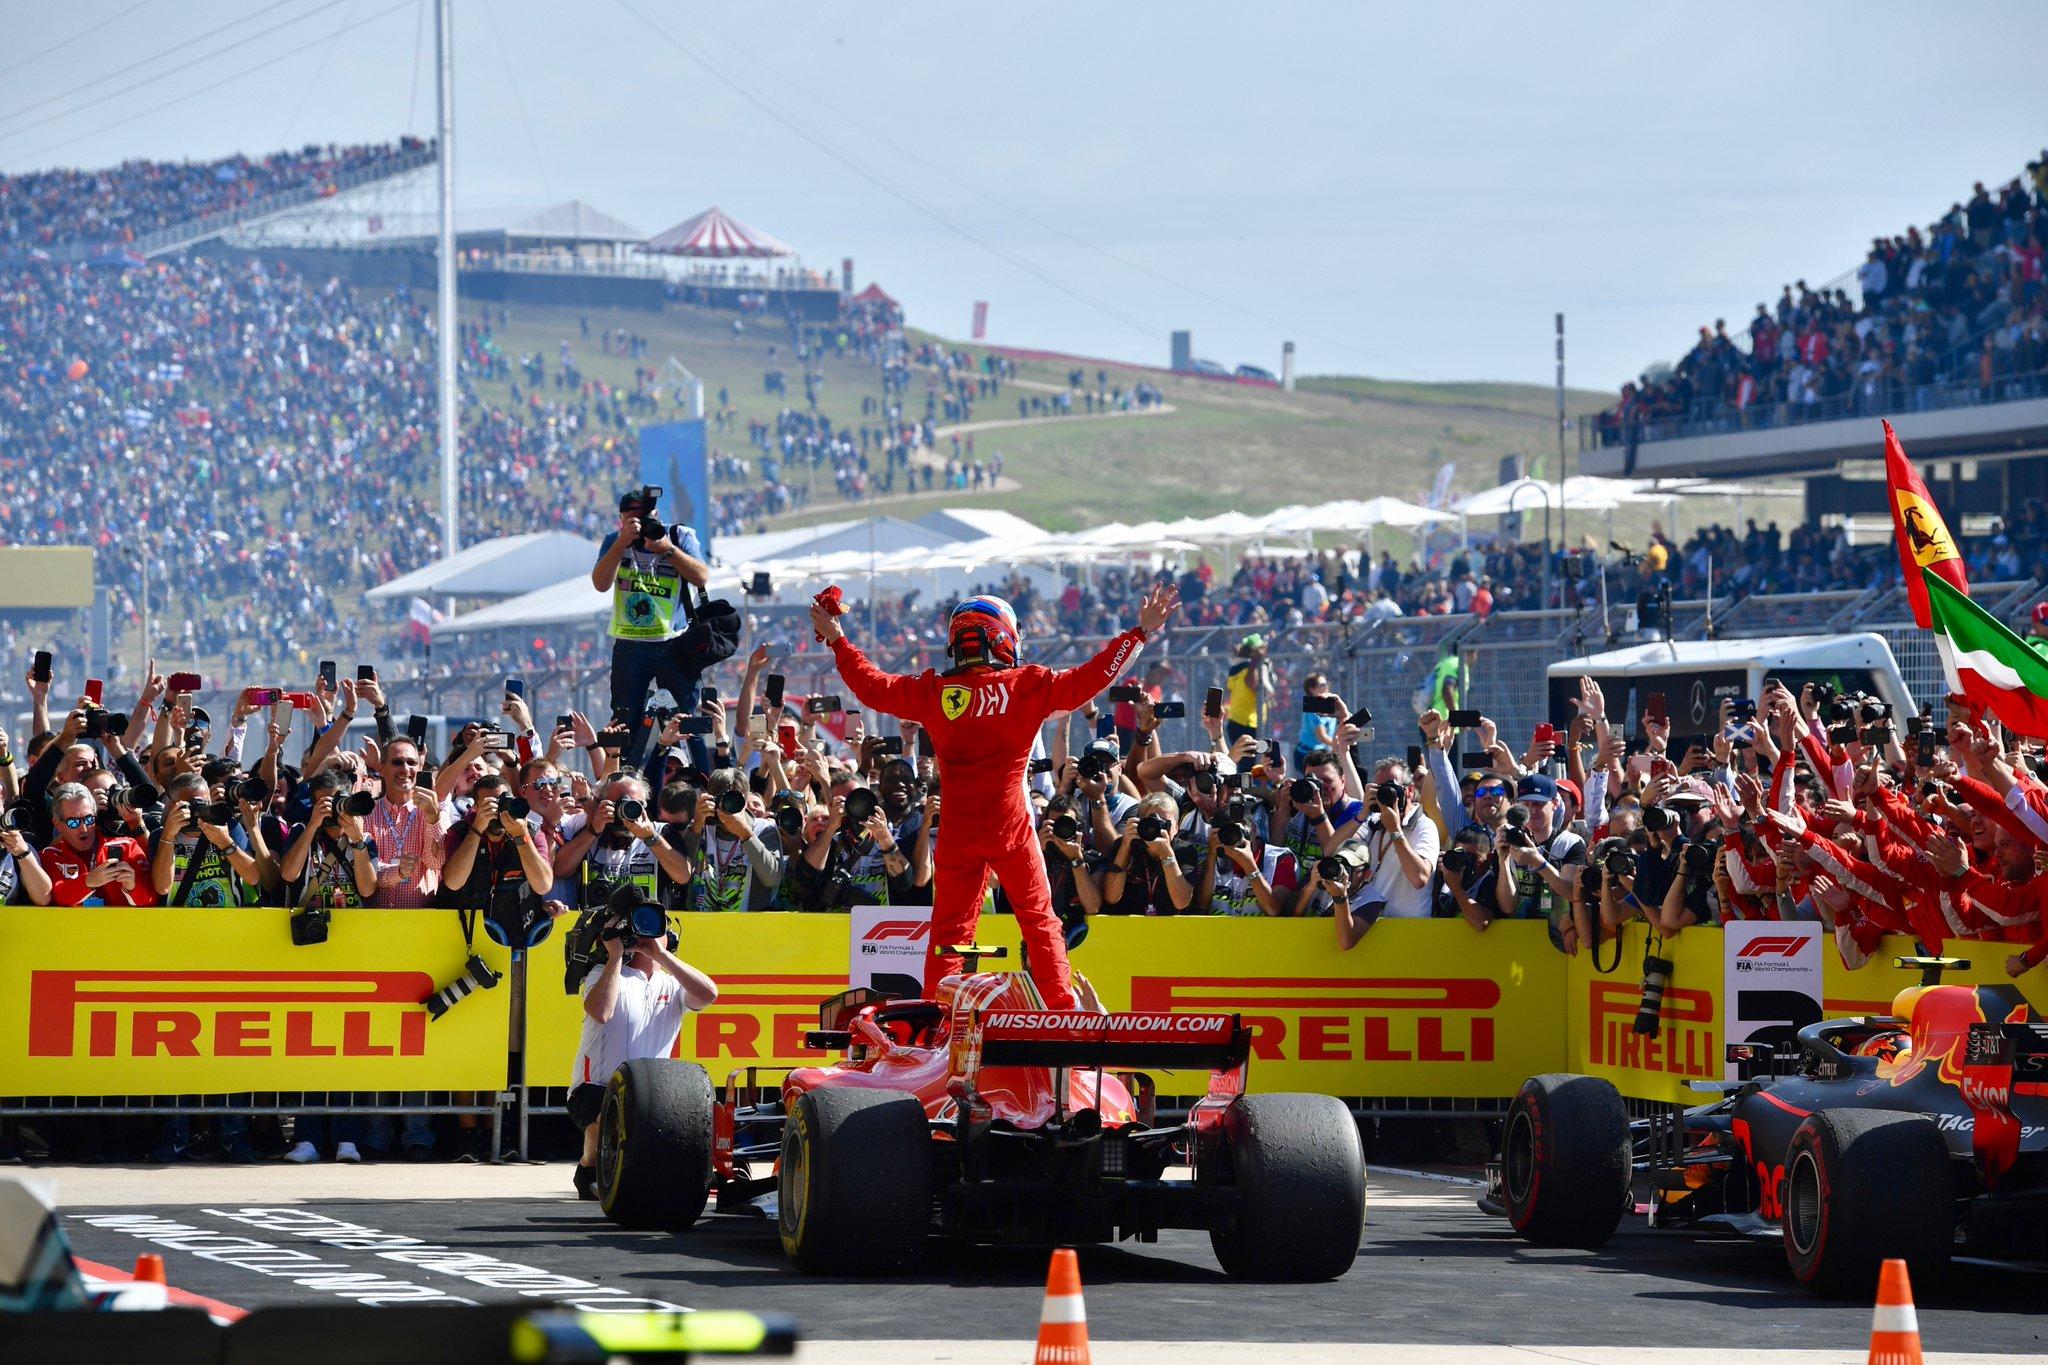 F1: Raikkonen Wins US GP, Puts Hamilton's World Title On Hold